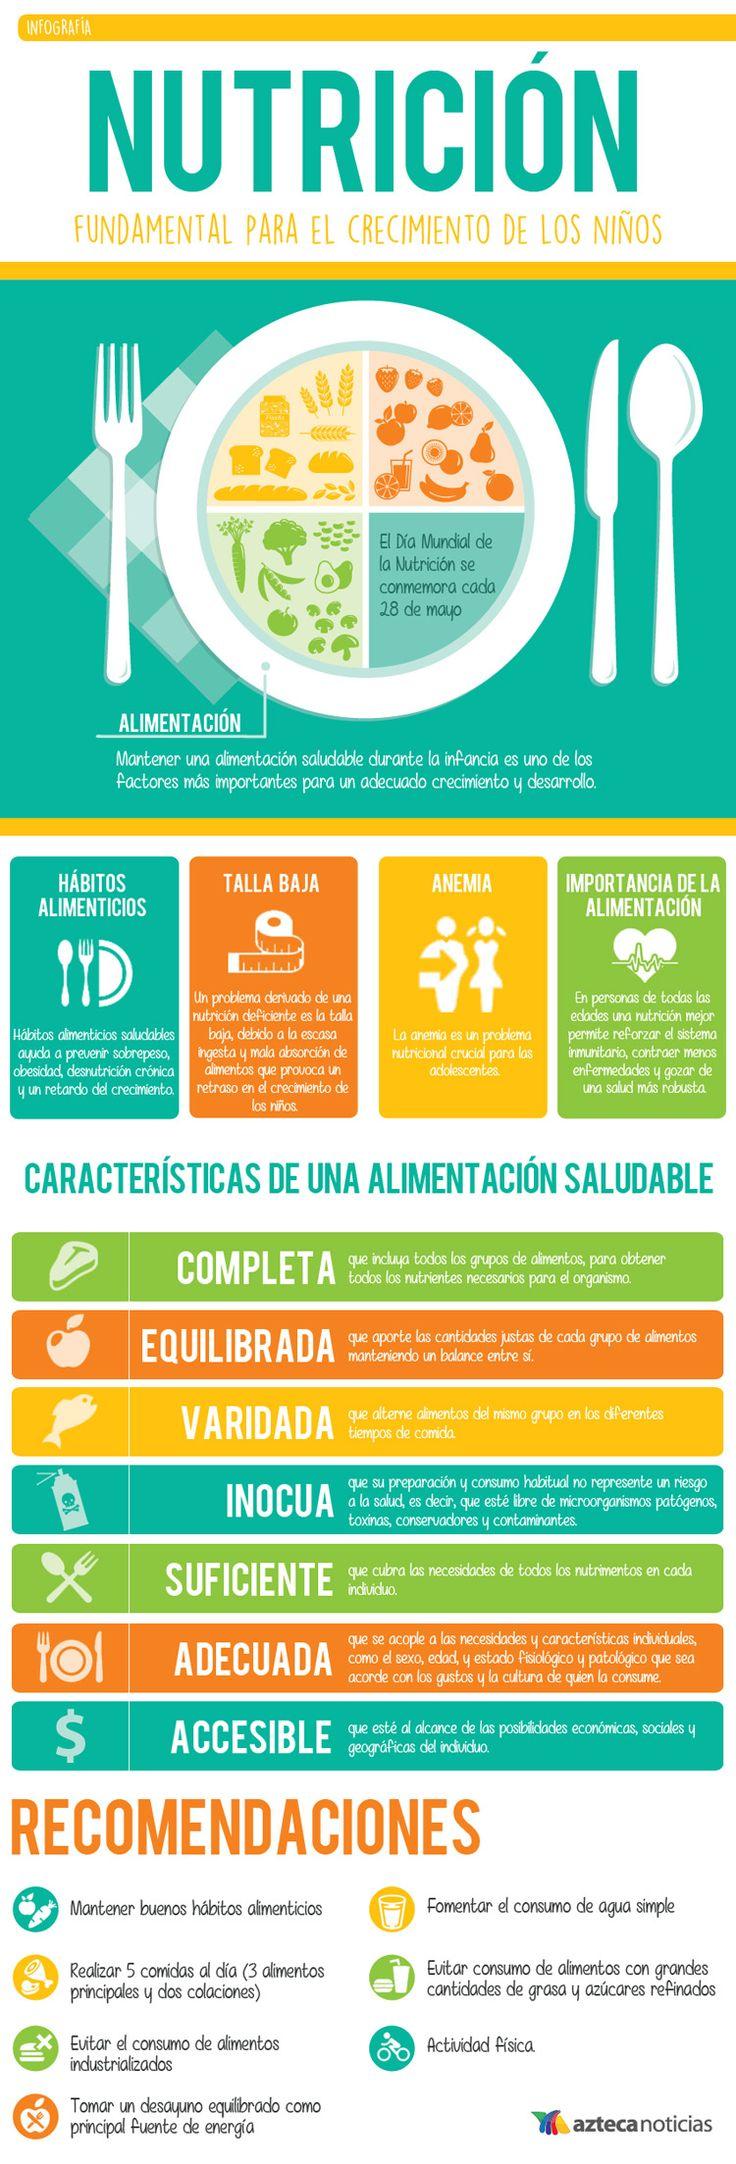 Nutrición, fundamentan para el crecimiento de los niños #infografia